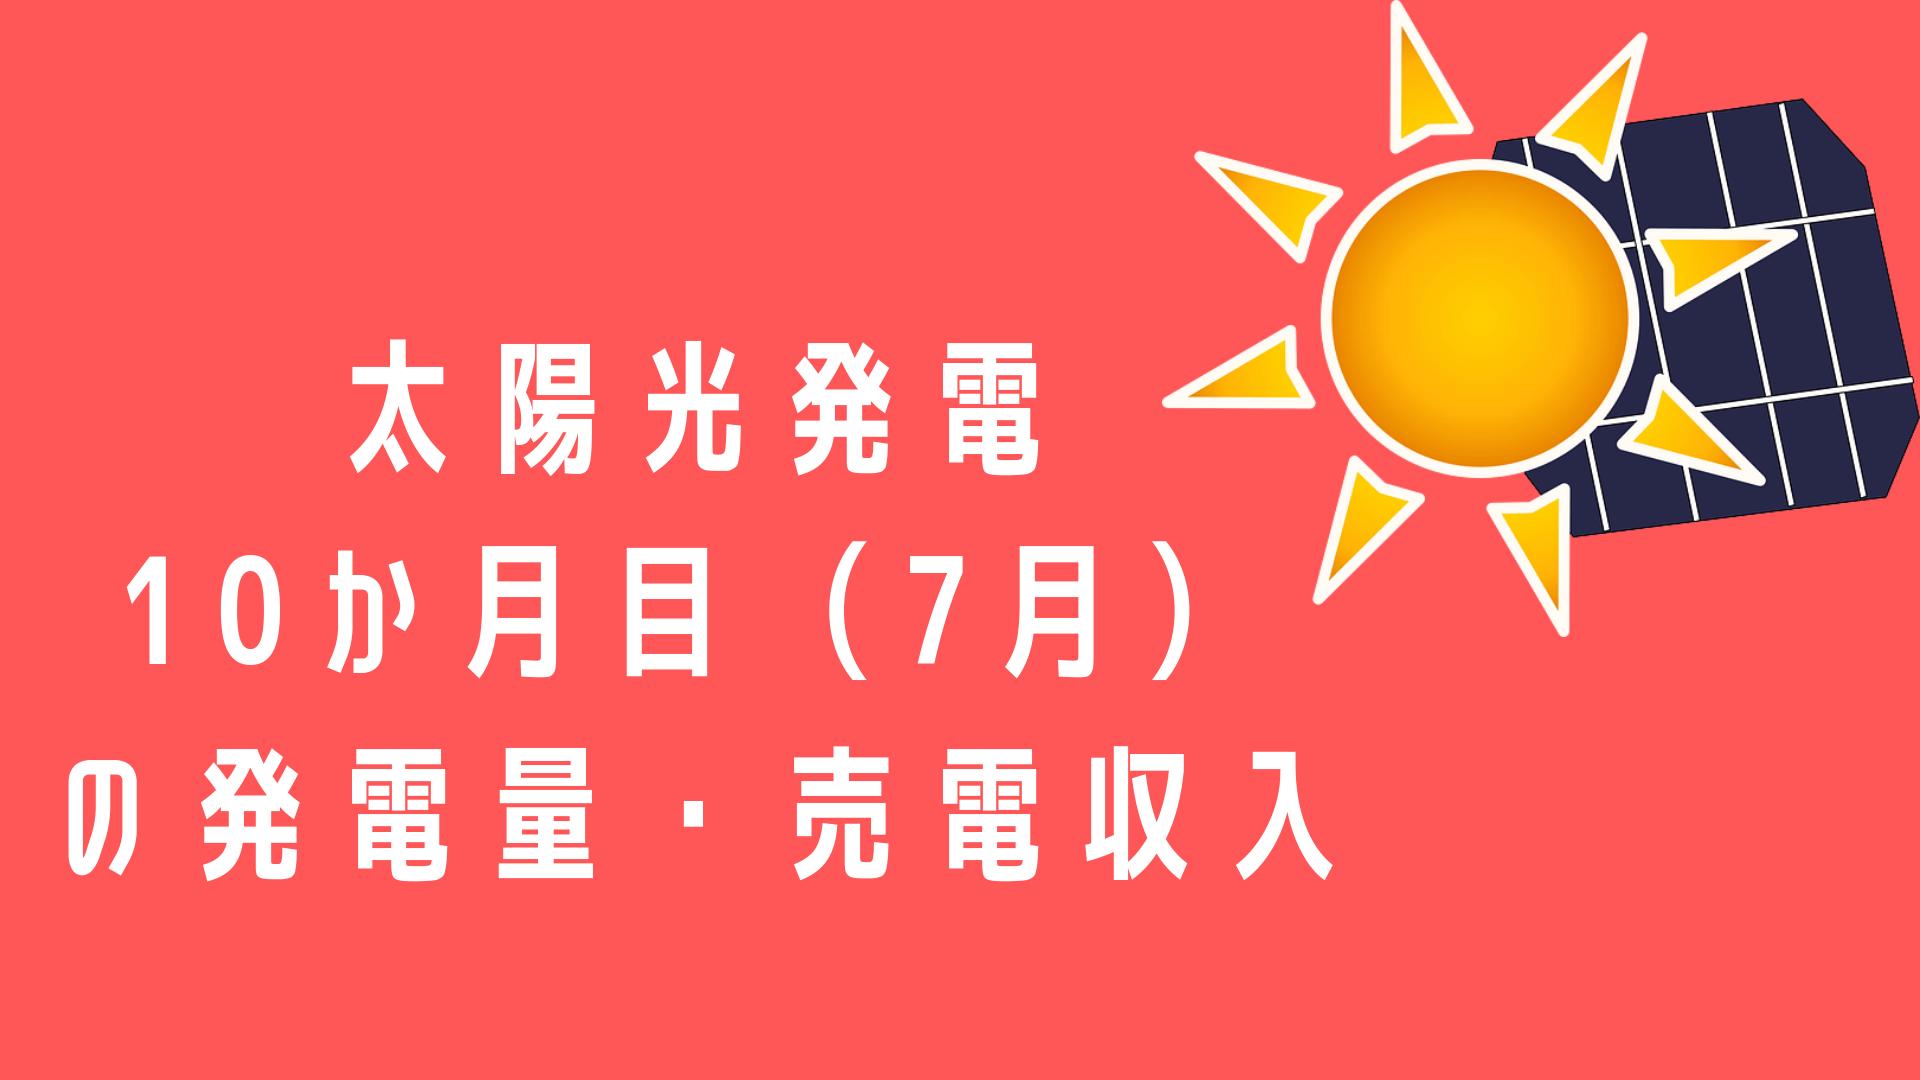 太陽光発電 10か月目(7月) の発電量・売電収入